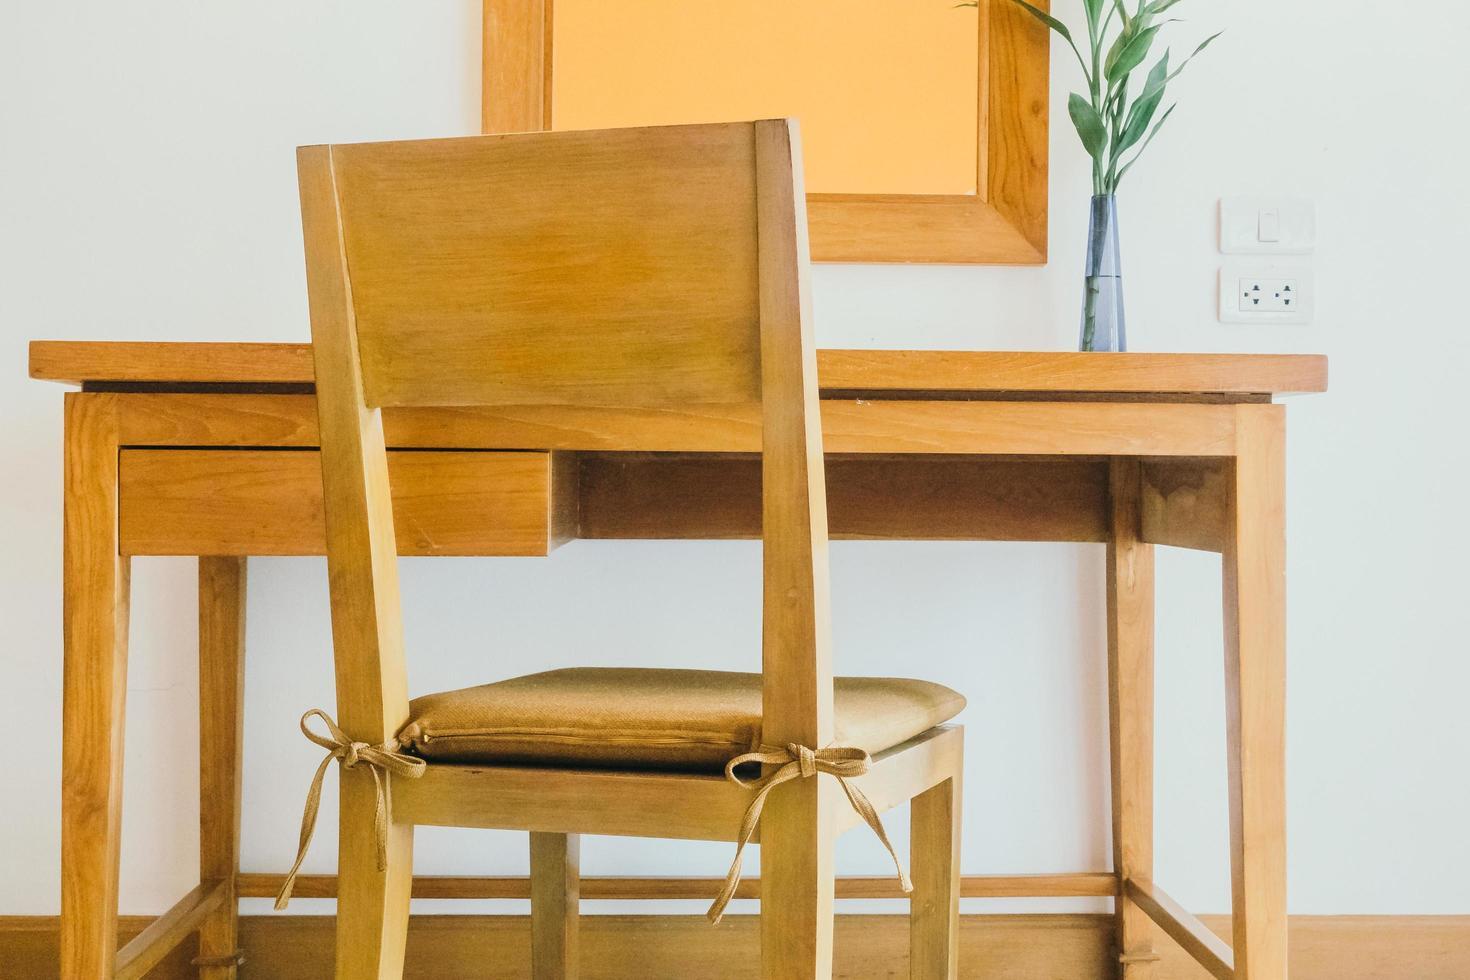 decoración de mesa y silla de madera en la sala de estar foto